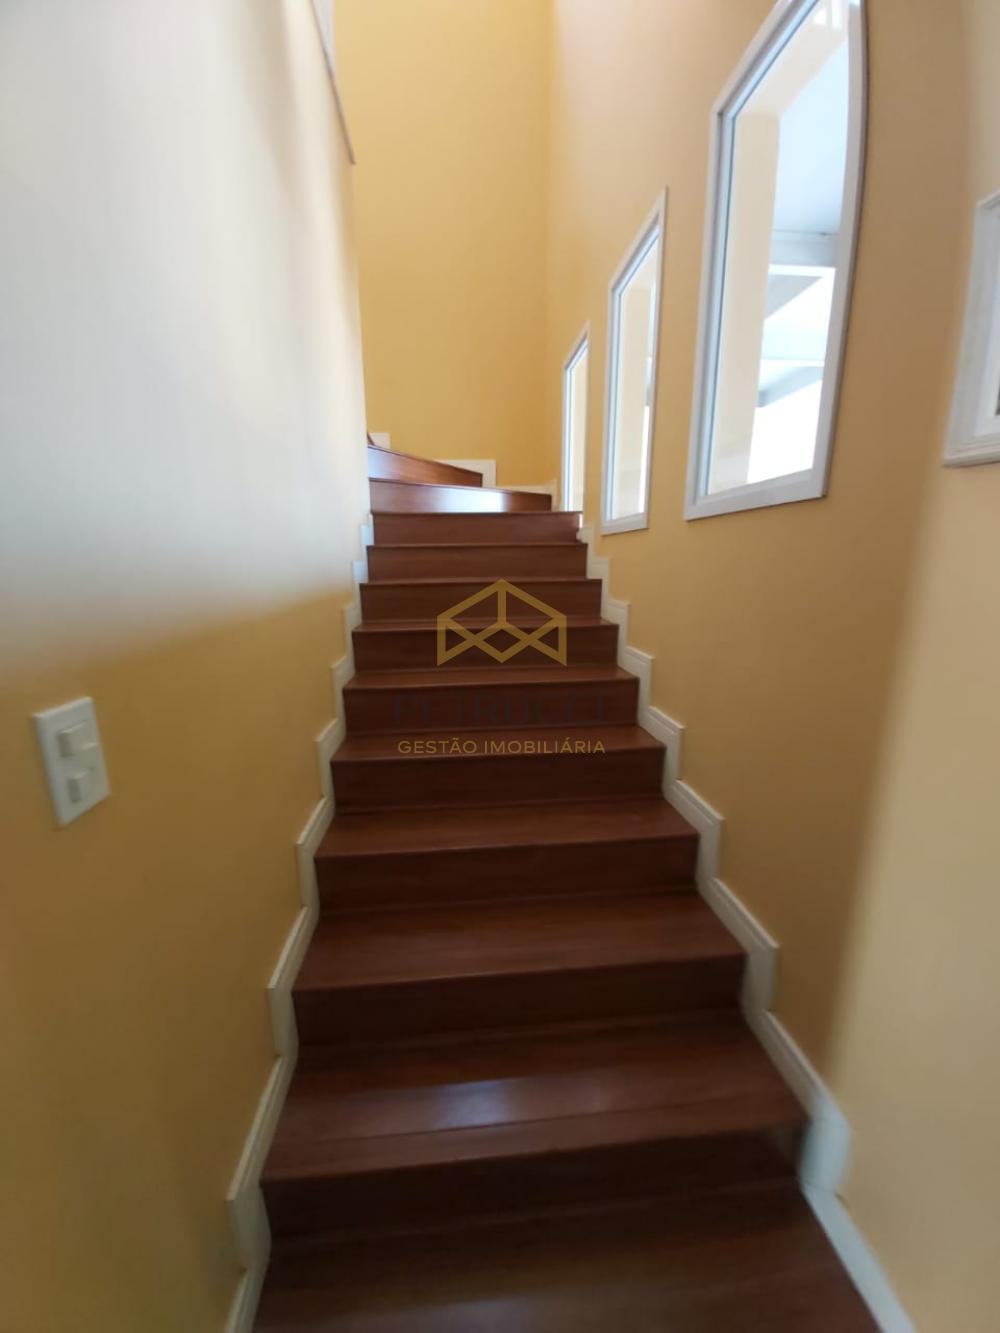 Comprar Casa / Sobrado em Condomínio em Sumaré R$ 695.000,00 - Foto 10